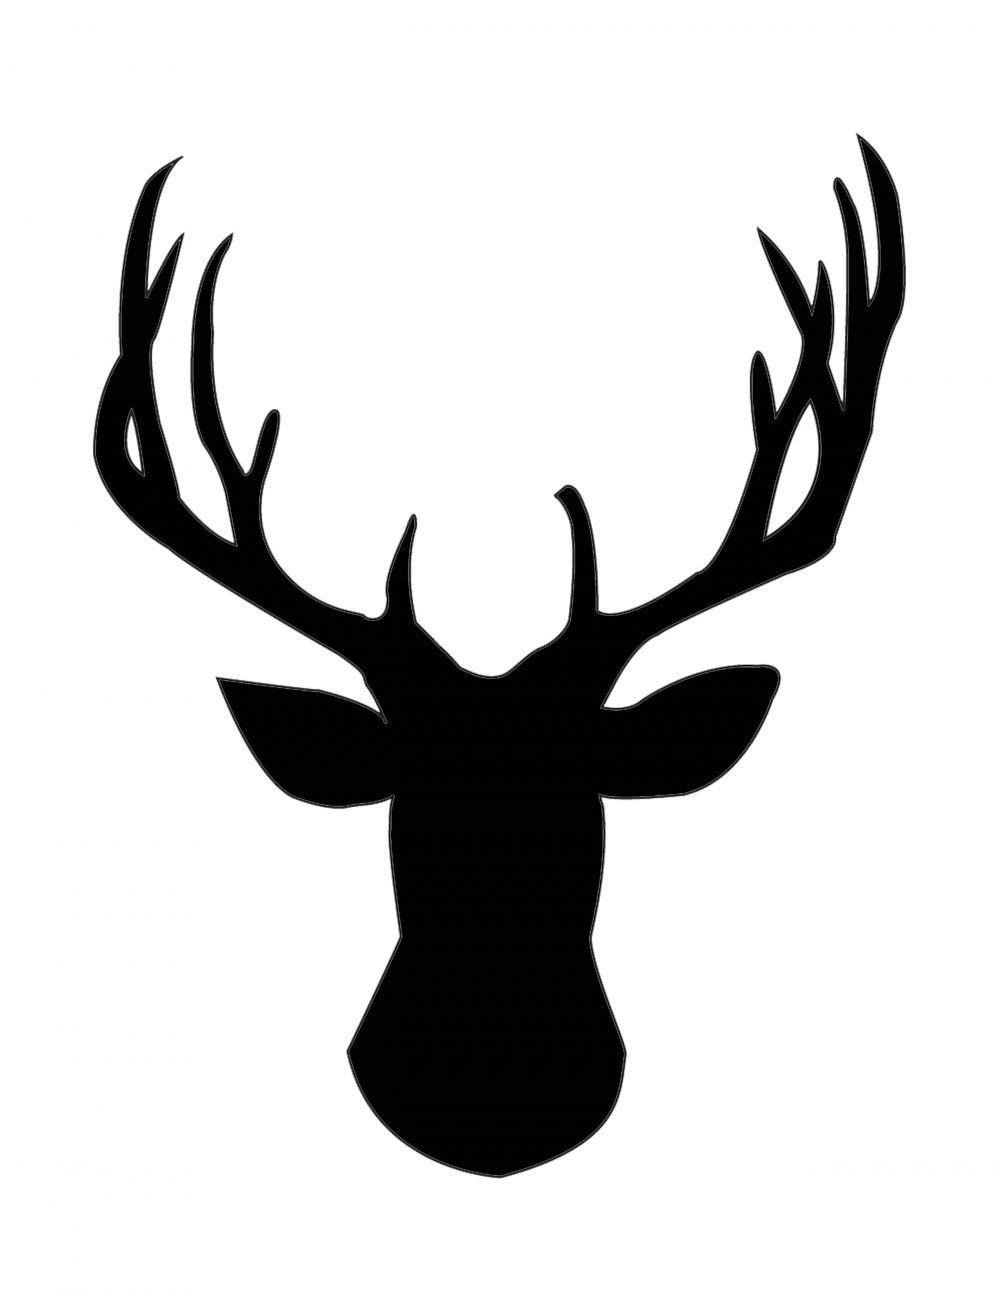 1000x1294 Deer Head Antlers Silhouette Robertjhastings Net Amazing